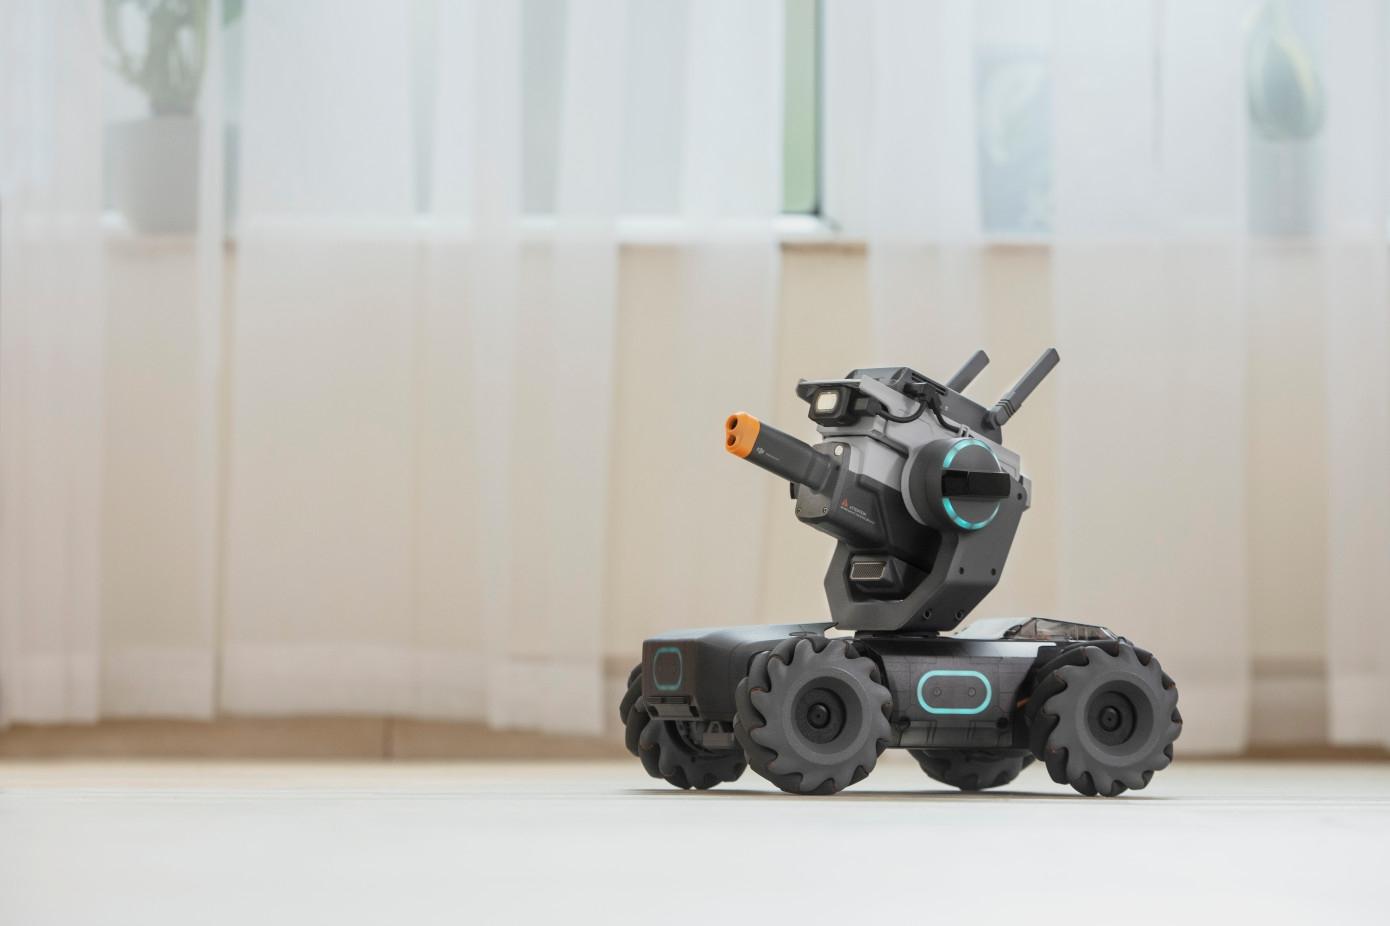 Новый продукт DJI — это танк стоимостью $500 для обучения детей программированию